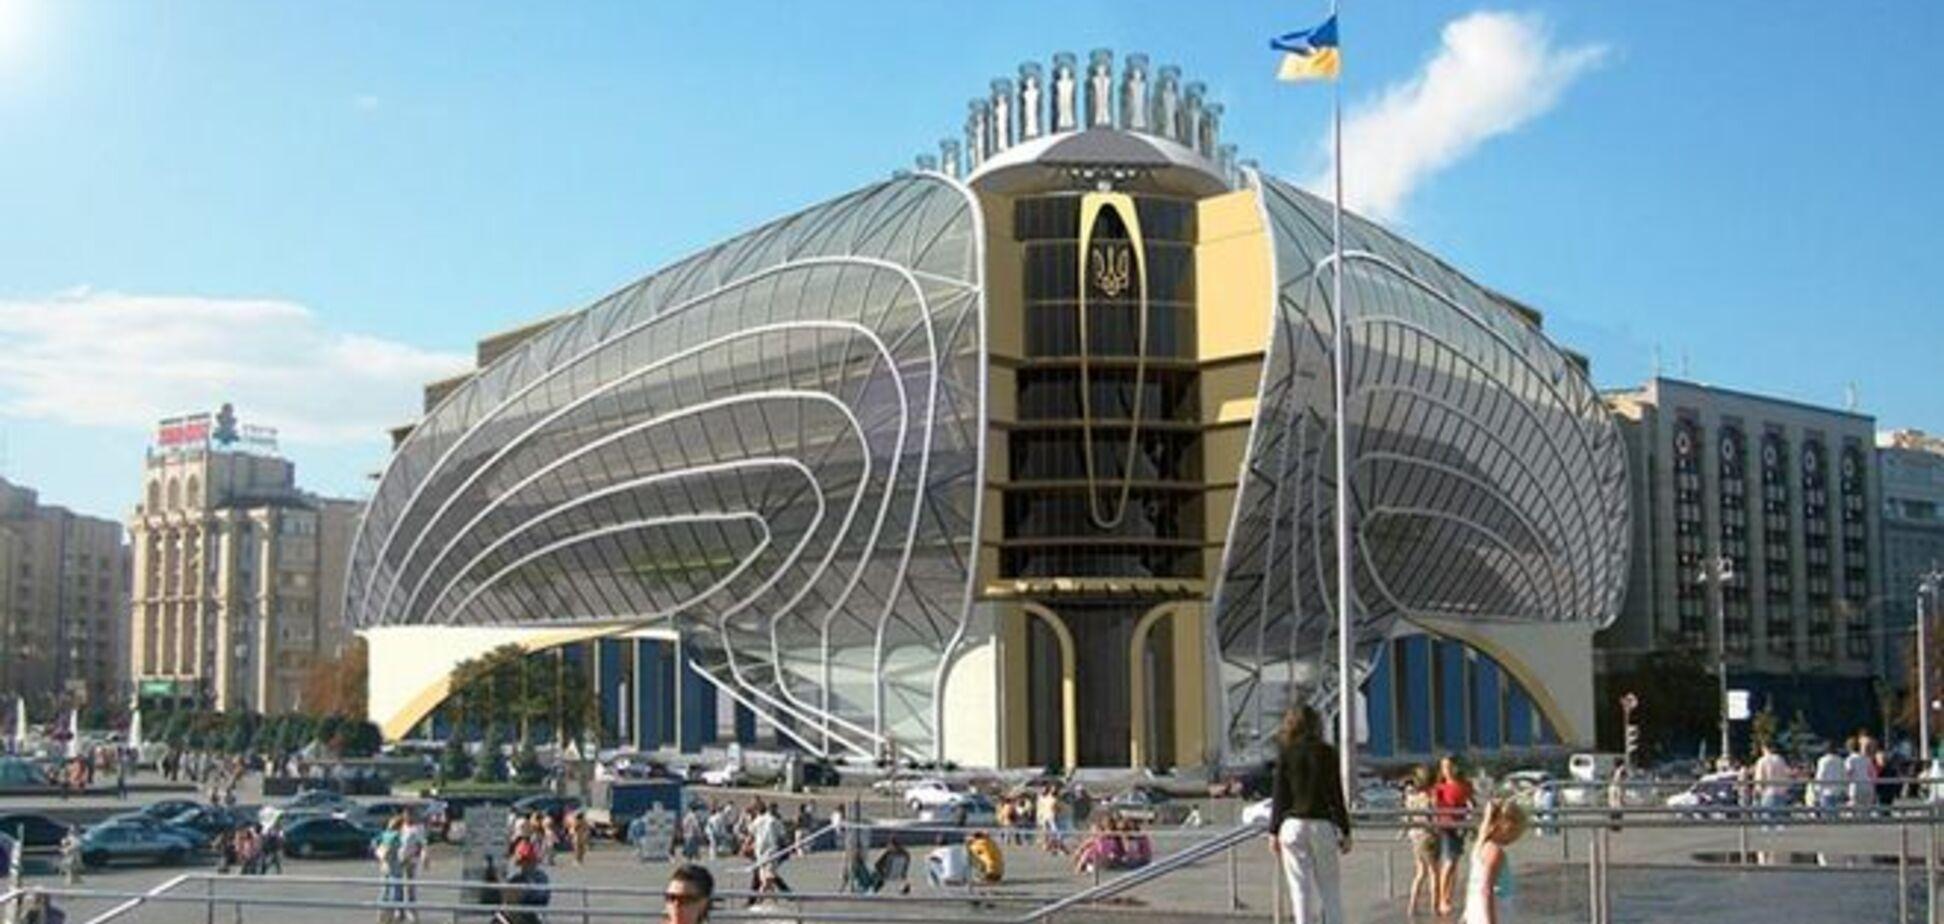 Опубліковано фото проекту реконструкції будинку Профспілок на Майдані Незалежності